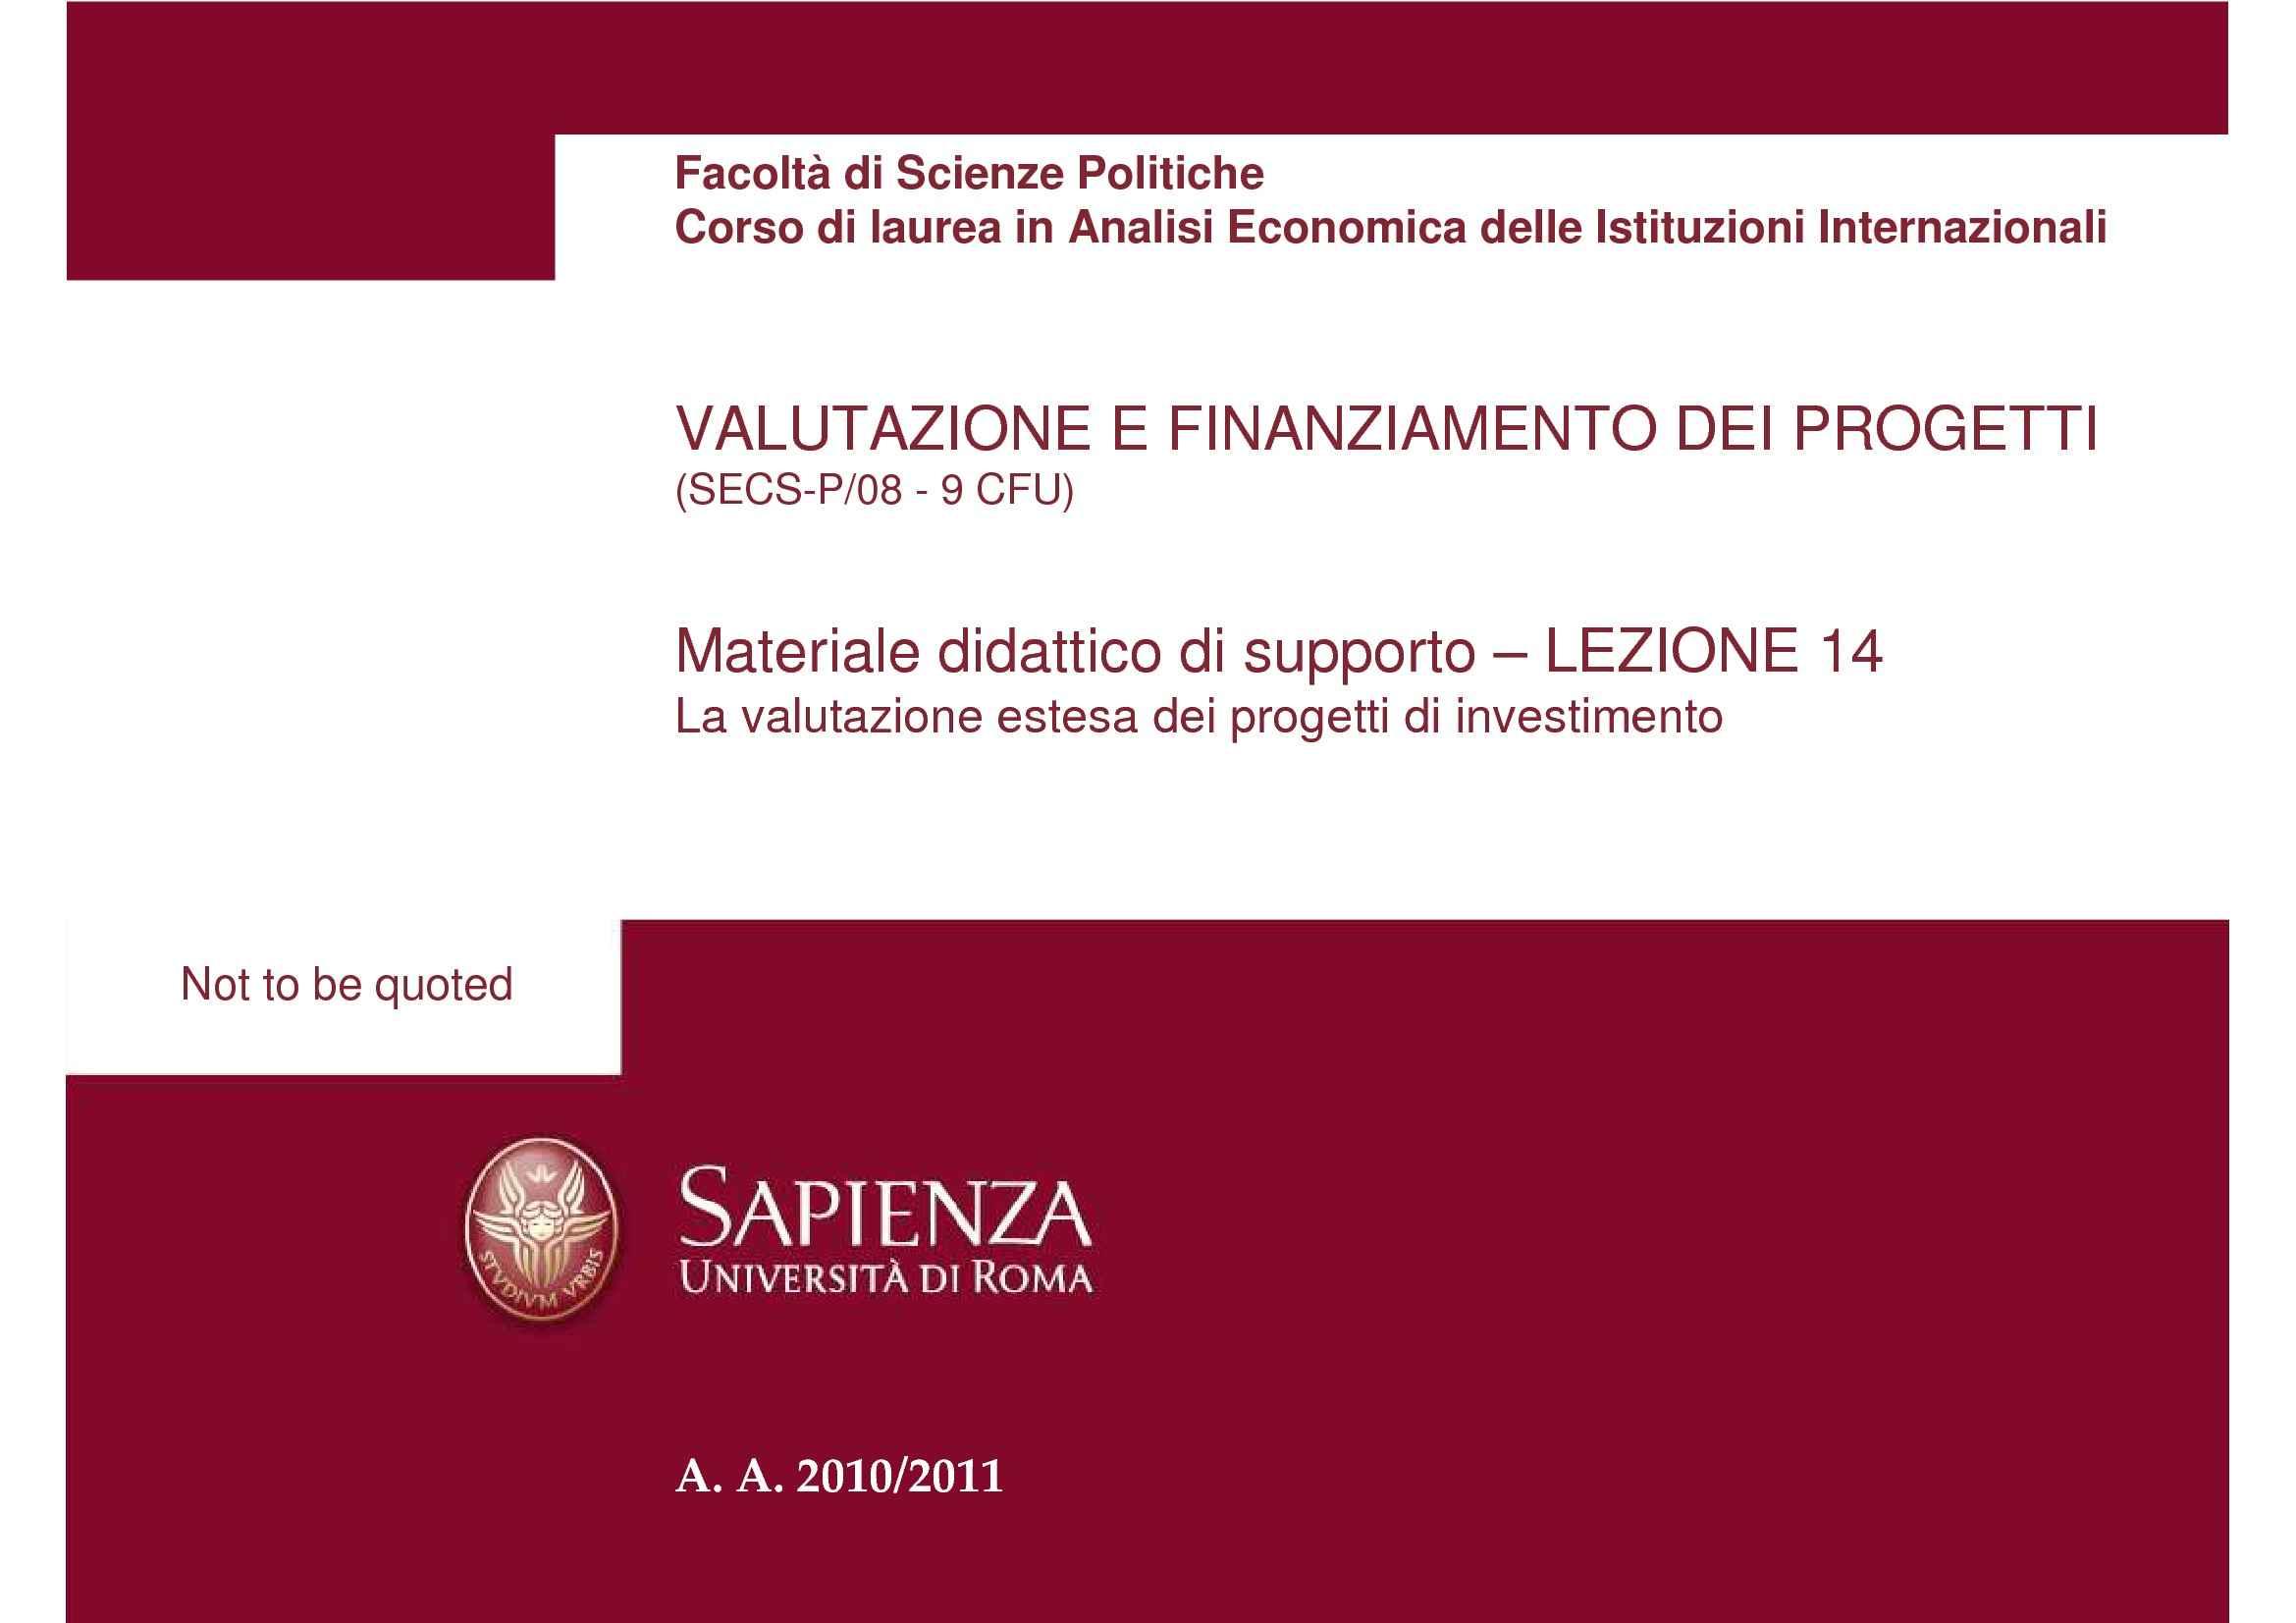 Valutazione estesa dei progetti di investimento